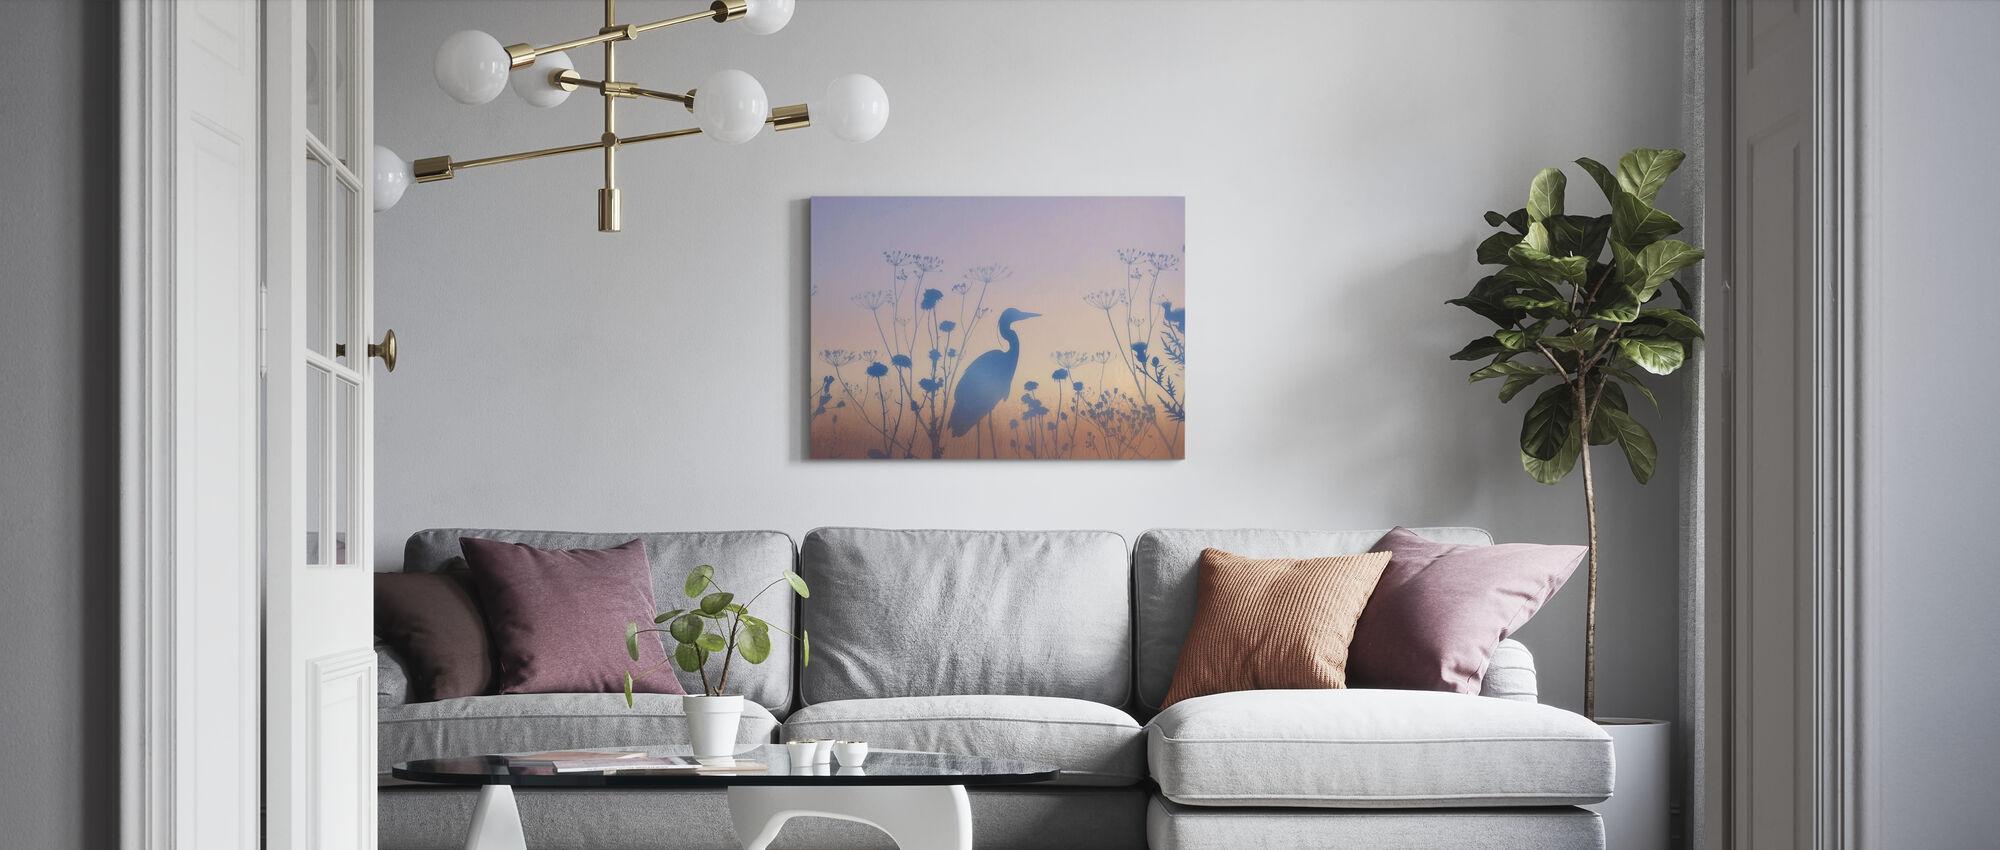 Blue Dawn Silhouettes - Canvas print - Living Room